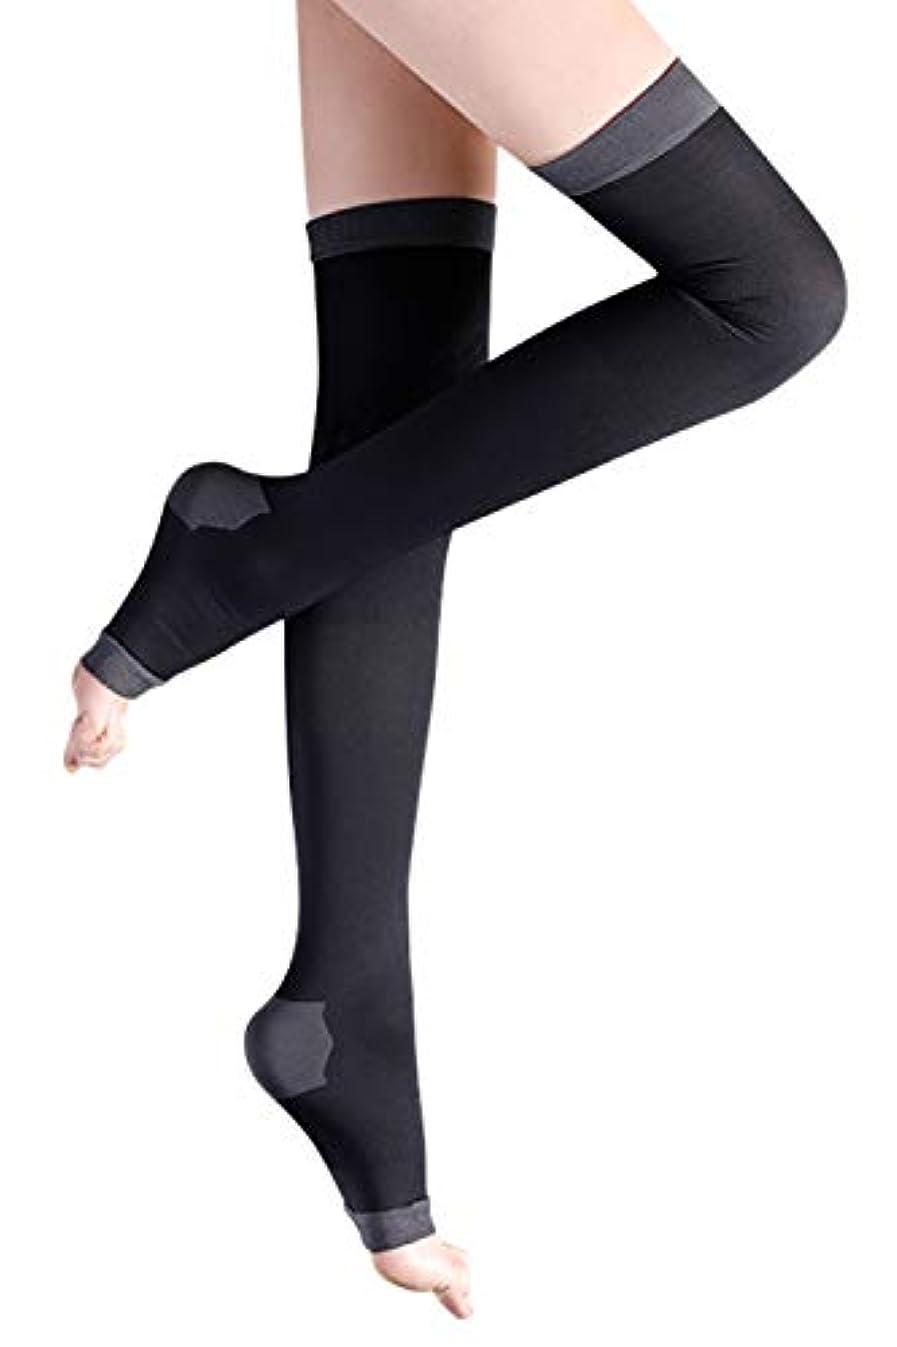 宇宙飛行士見る人おもしろい着圧ソックス レディース ロング 美脚ソックス スリム 美容ソックス 着圧 靴下